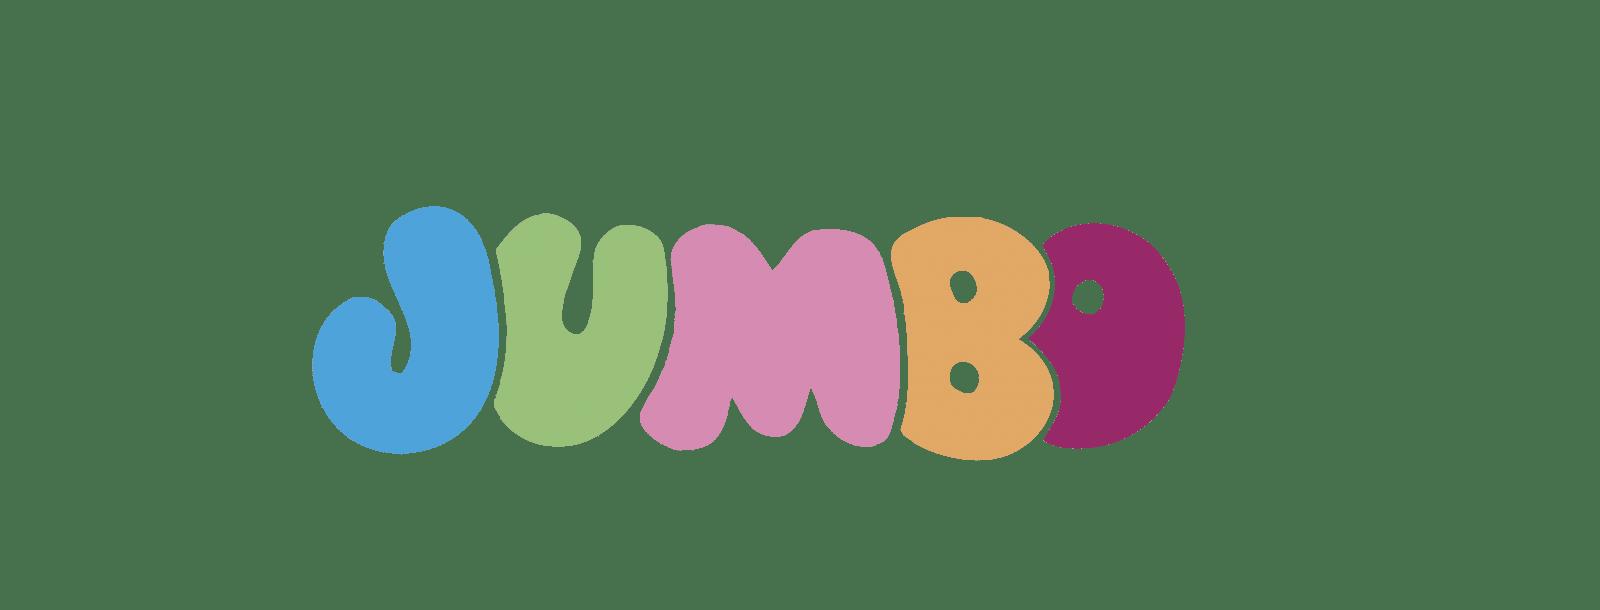 jumbo-3-logo-png-transparent-min